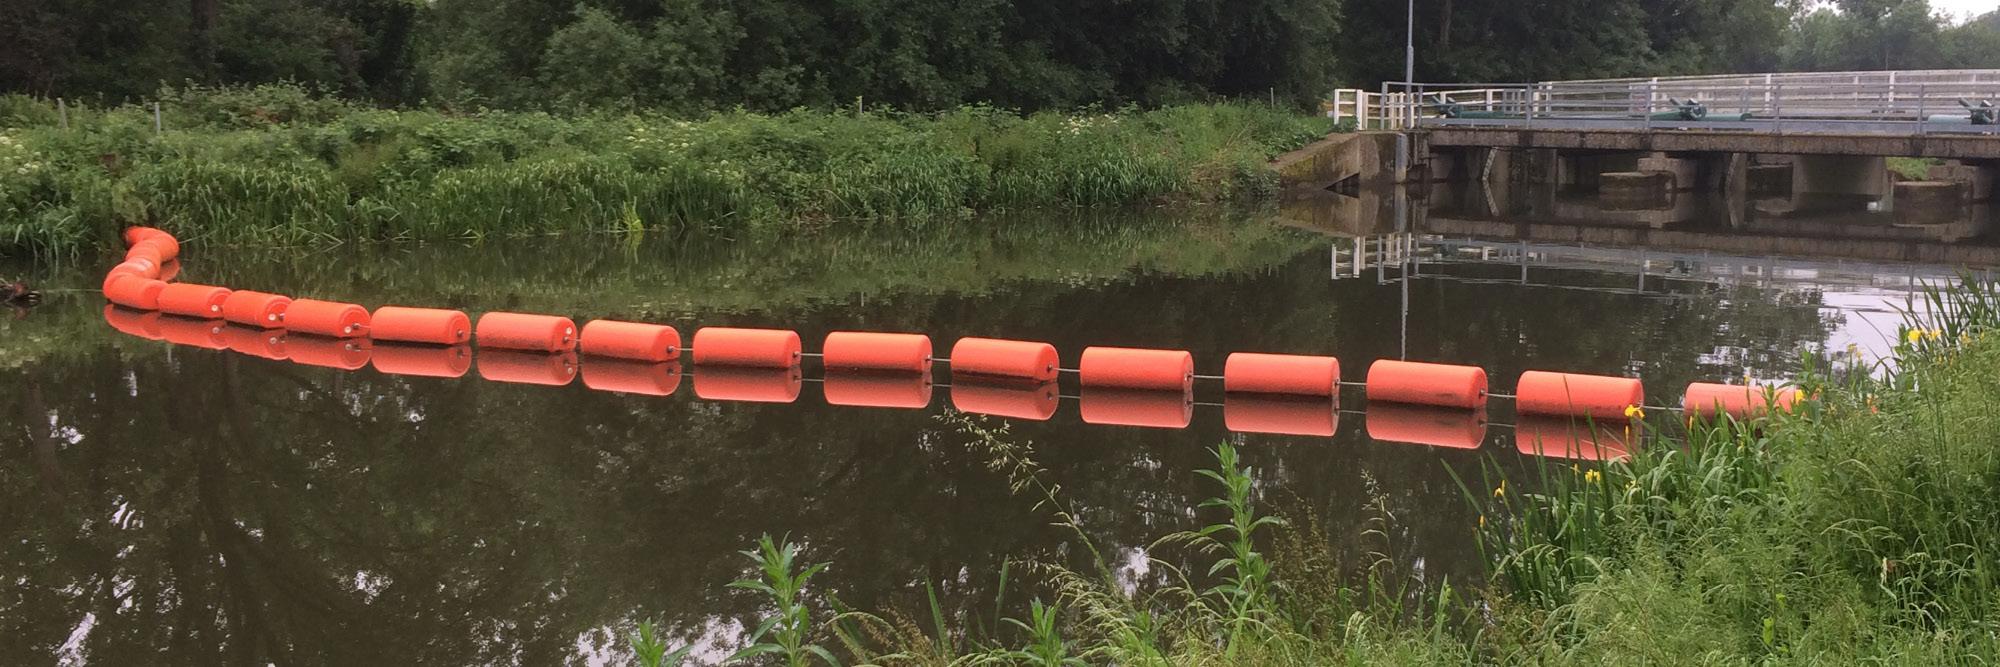 Bolina Canoe Booms